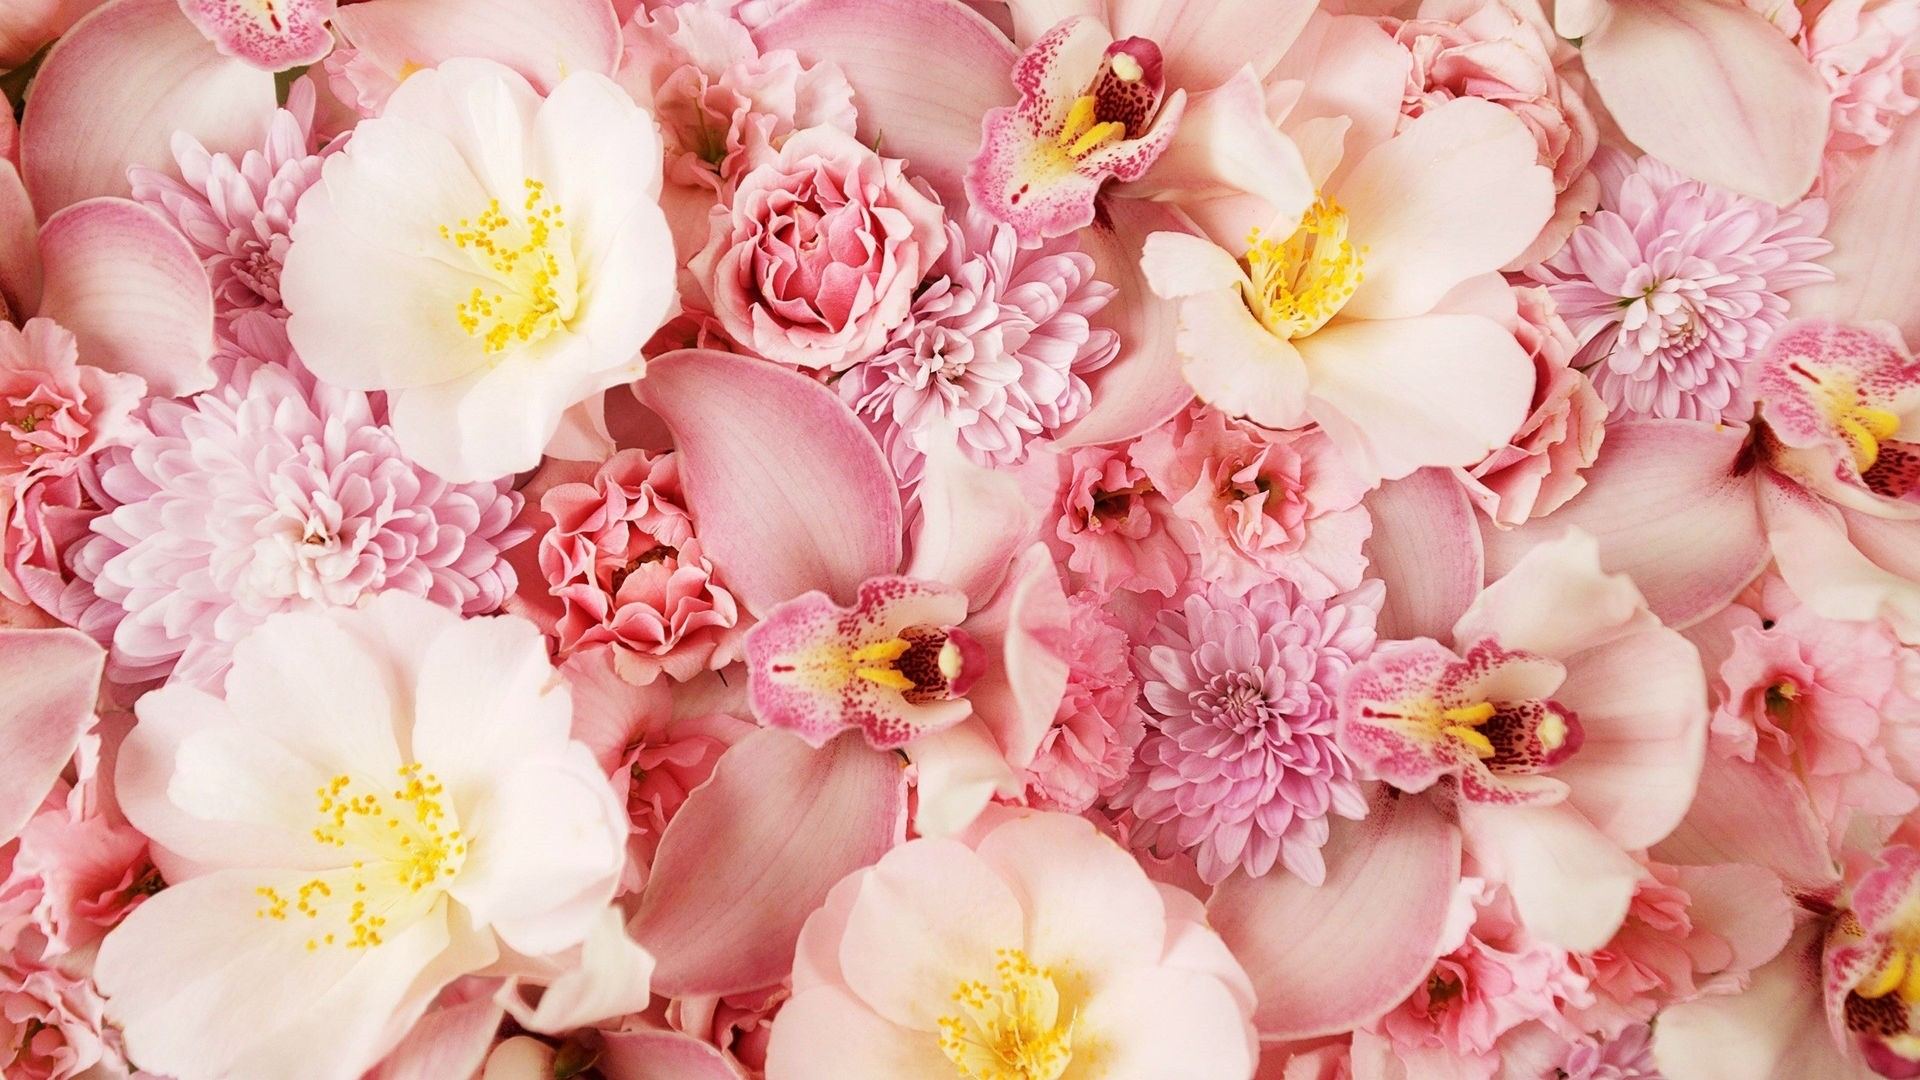 Pink Rose wallpaper